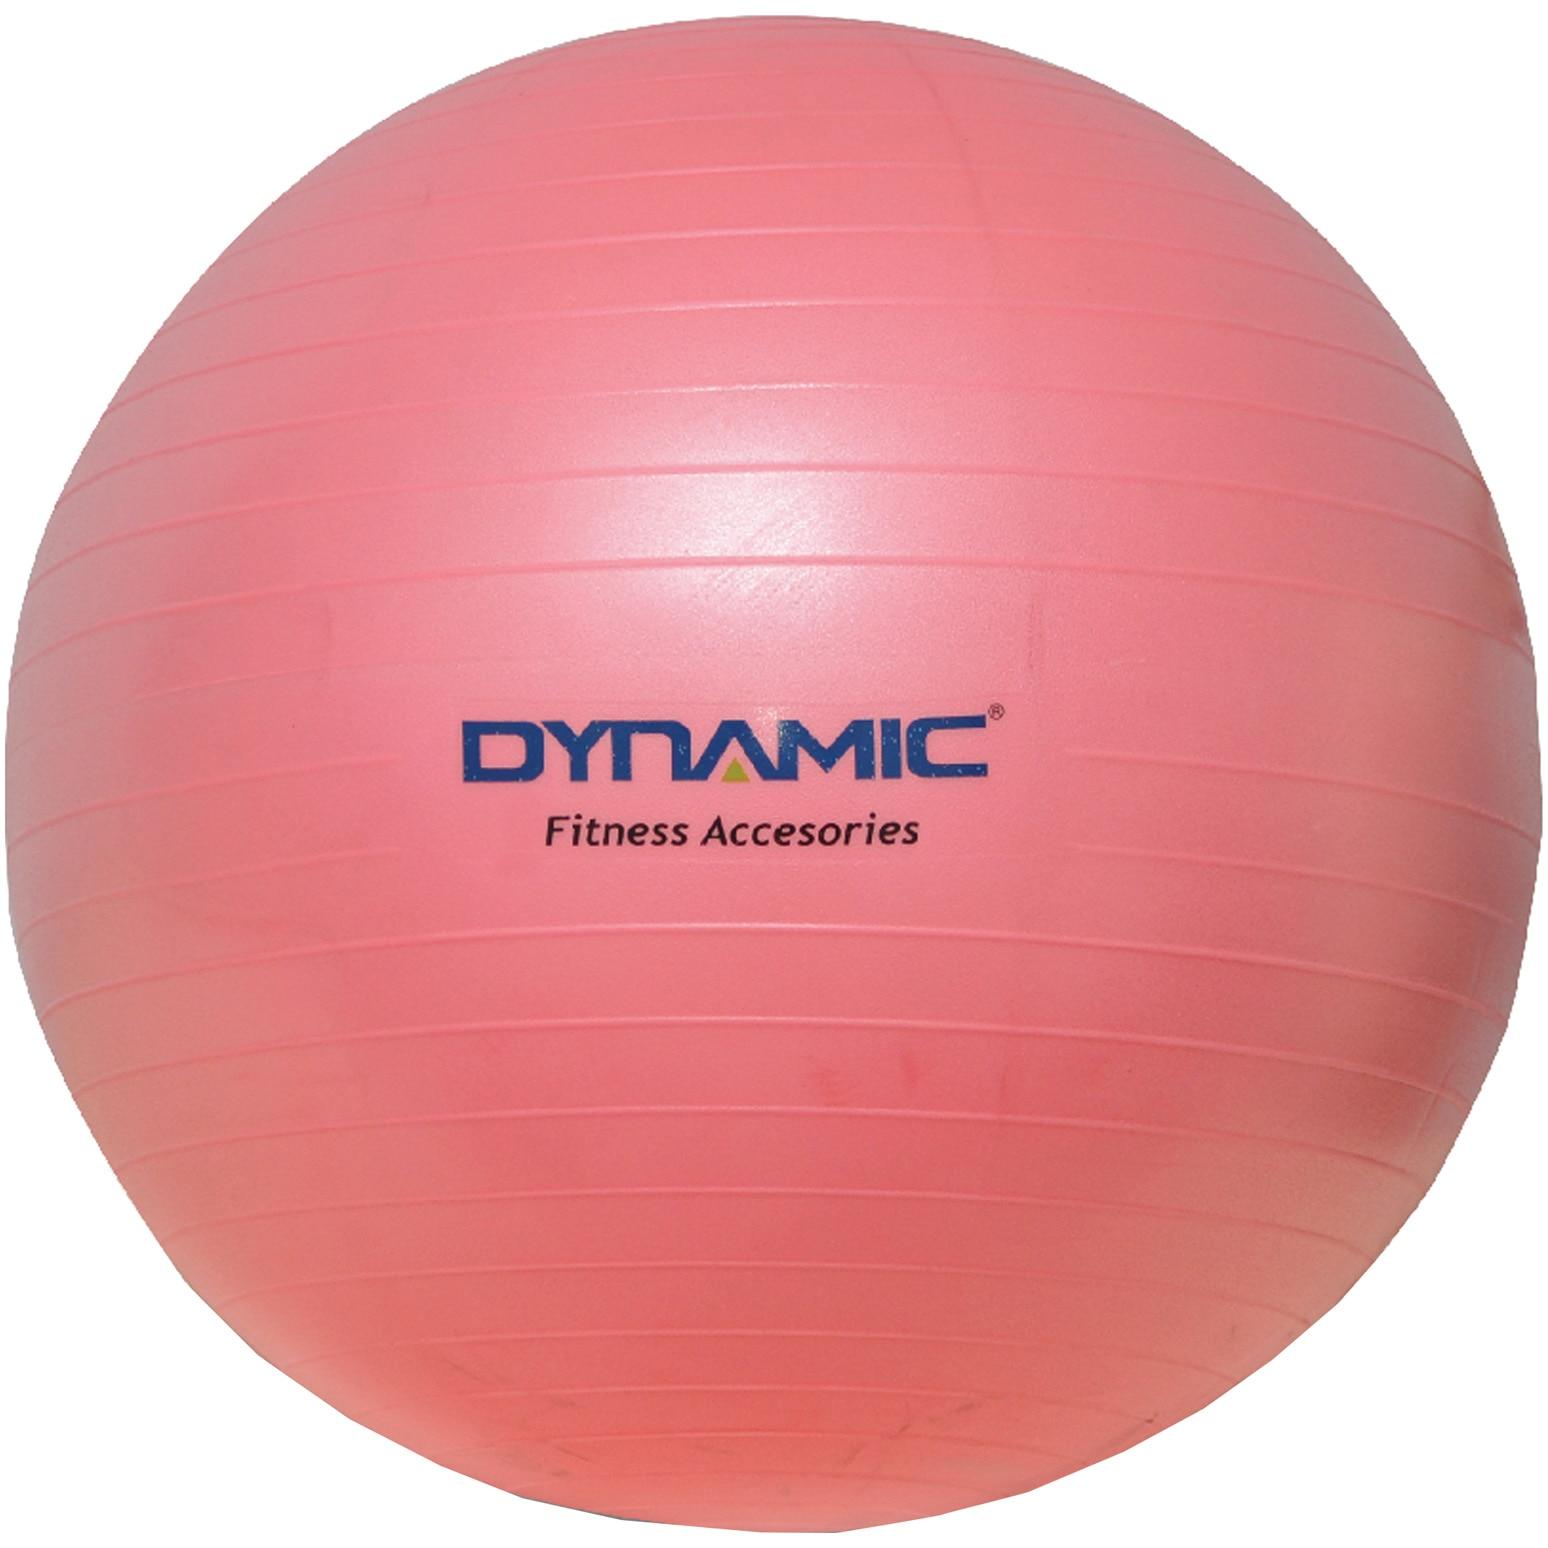 Fotografie Gym-ball fitness Kondition Dynamic, 55 cm, cu pompa, Roz